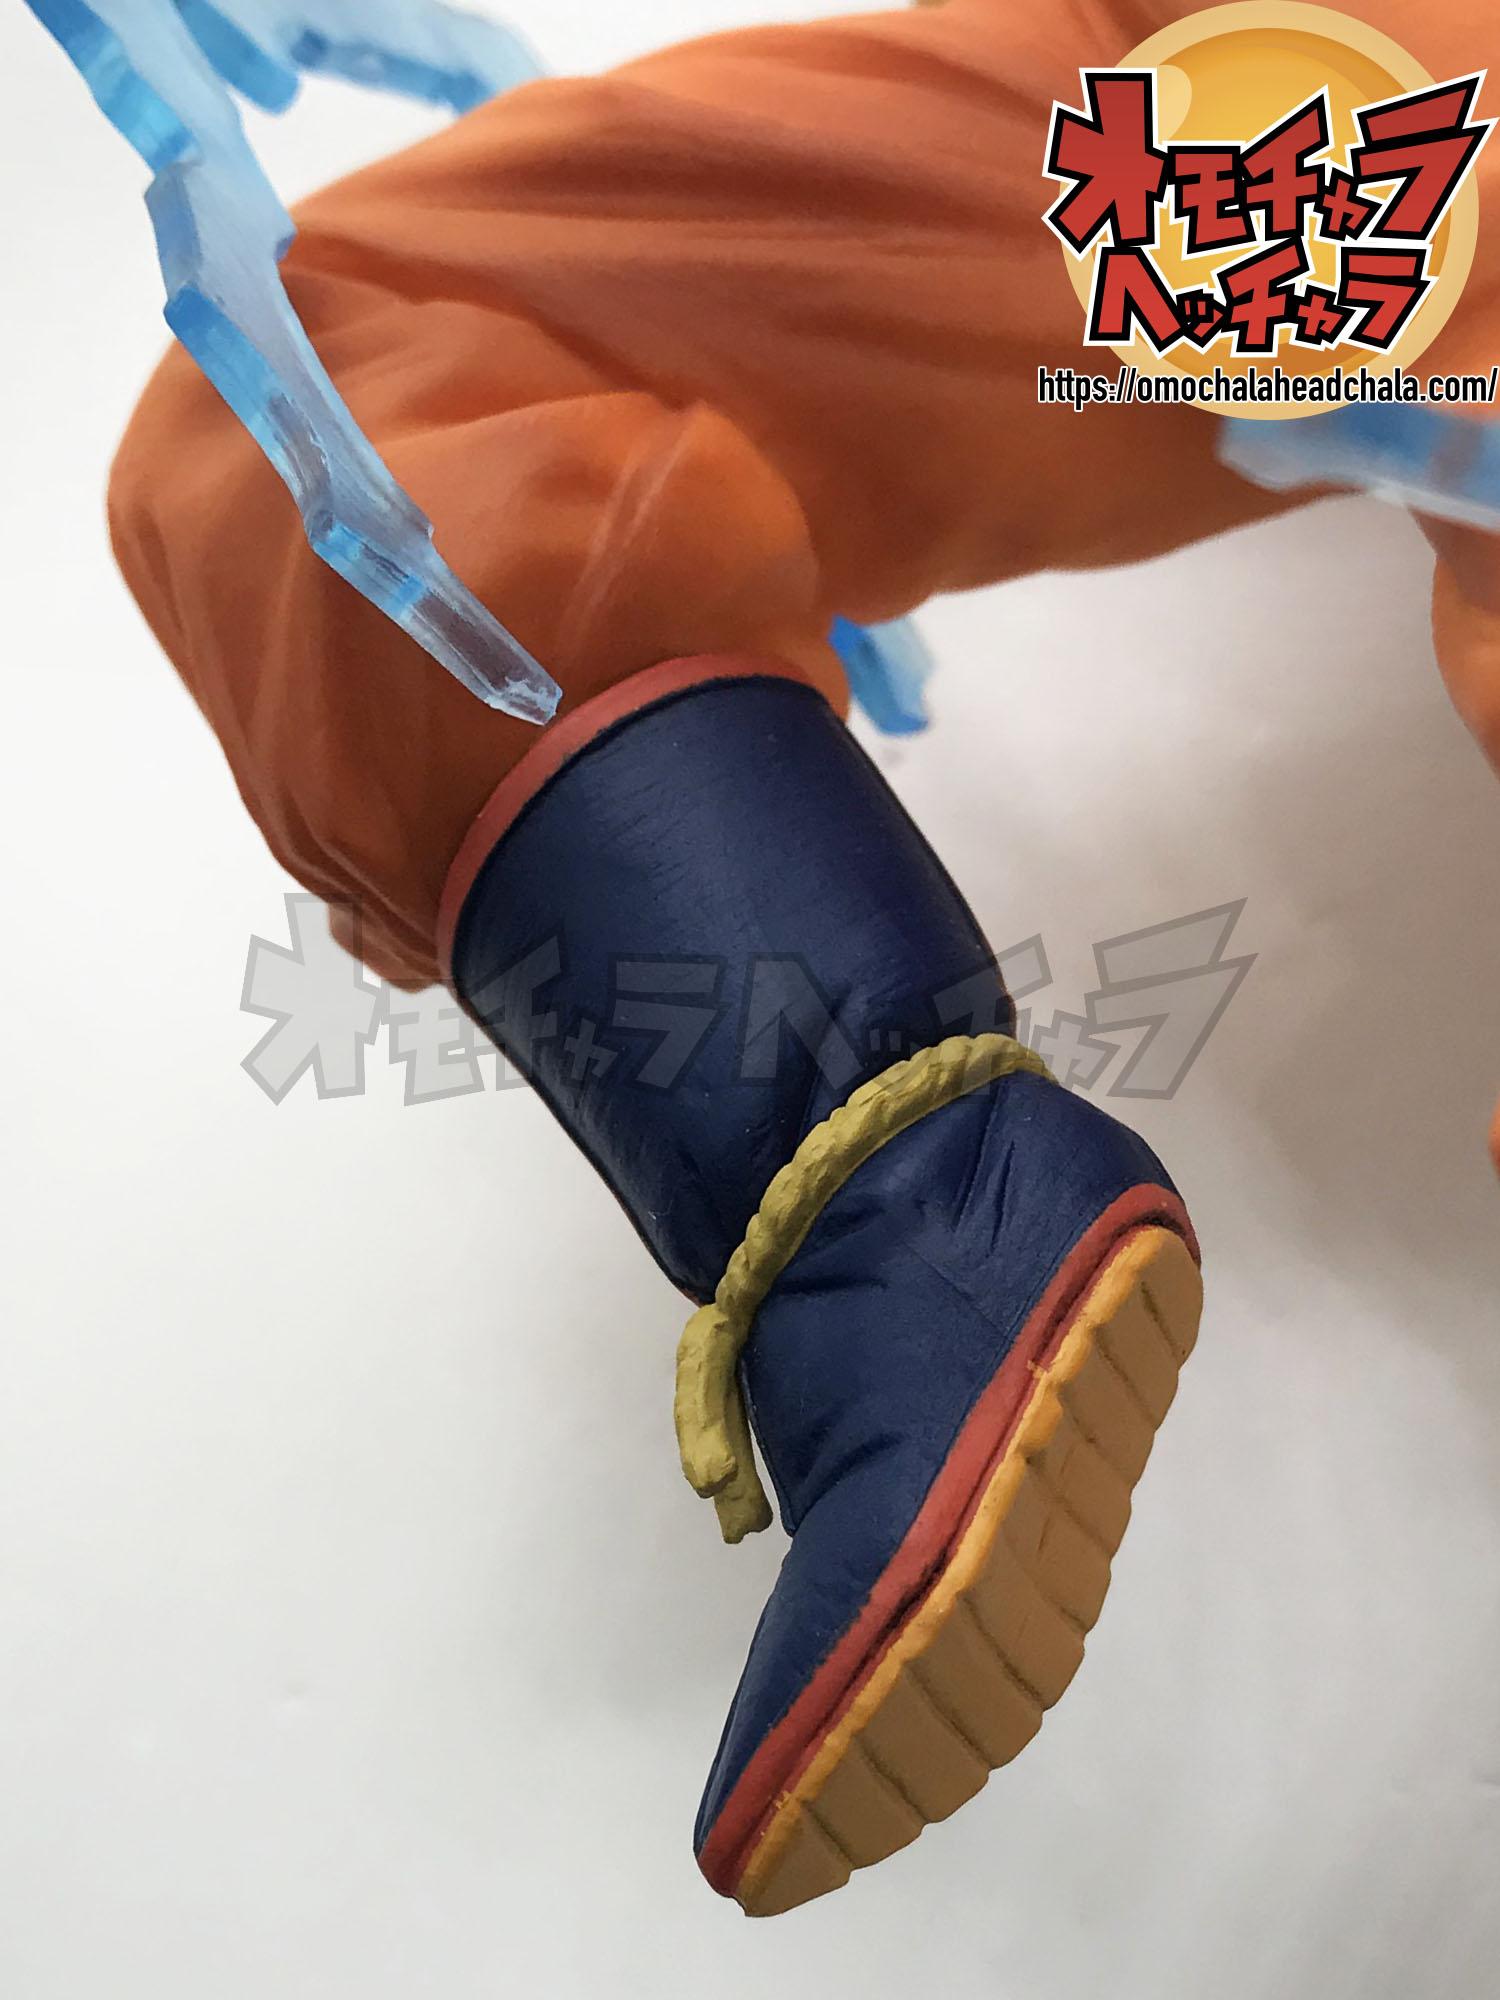 ドラゴンボールフィギュアレビューブログのDRAGONBALL Z DOKKAN BATTLE COLLAB(ドッカンバトルコラボ)-超サイヤ人2孫悟空(天使)-